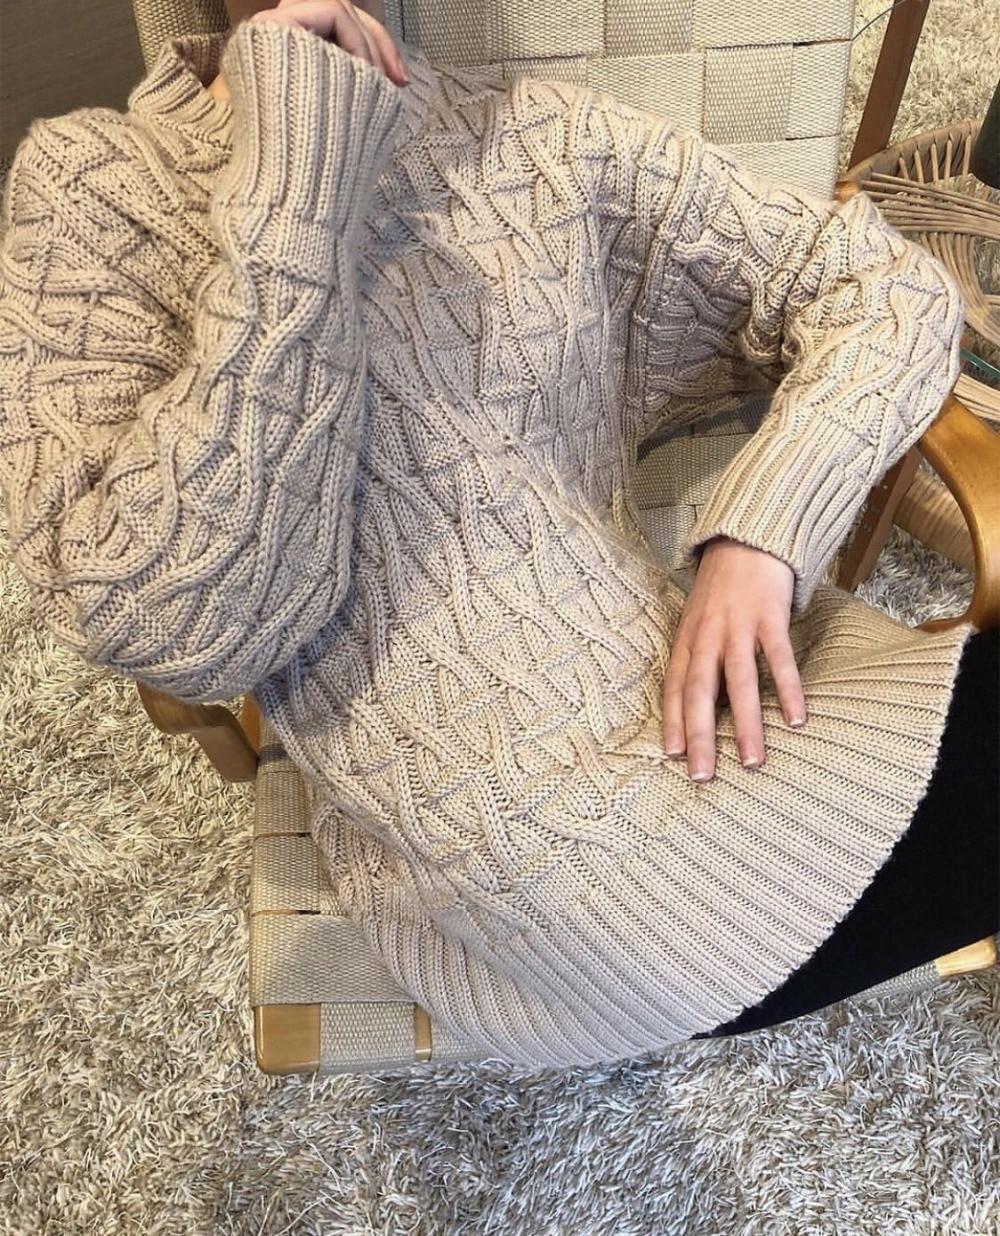 Manches Cavalier Nervuré Tordu mélange Femme Chandails Top Poignets Ourlet Sable Blogueurs Tricoté Mode 2018 De Col Longues Oversize Laine À xPpfwx